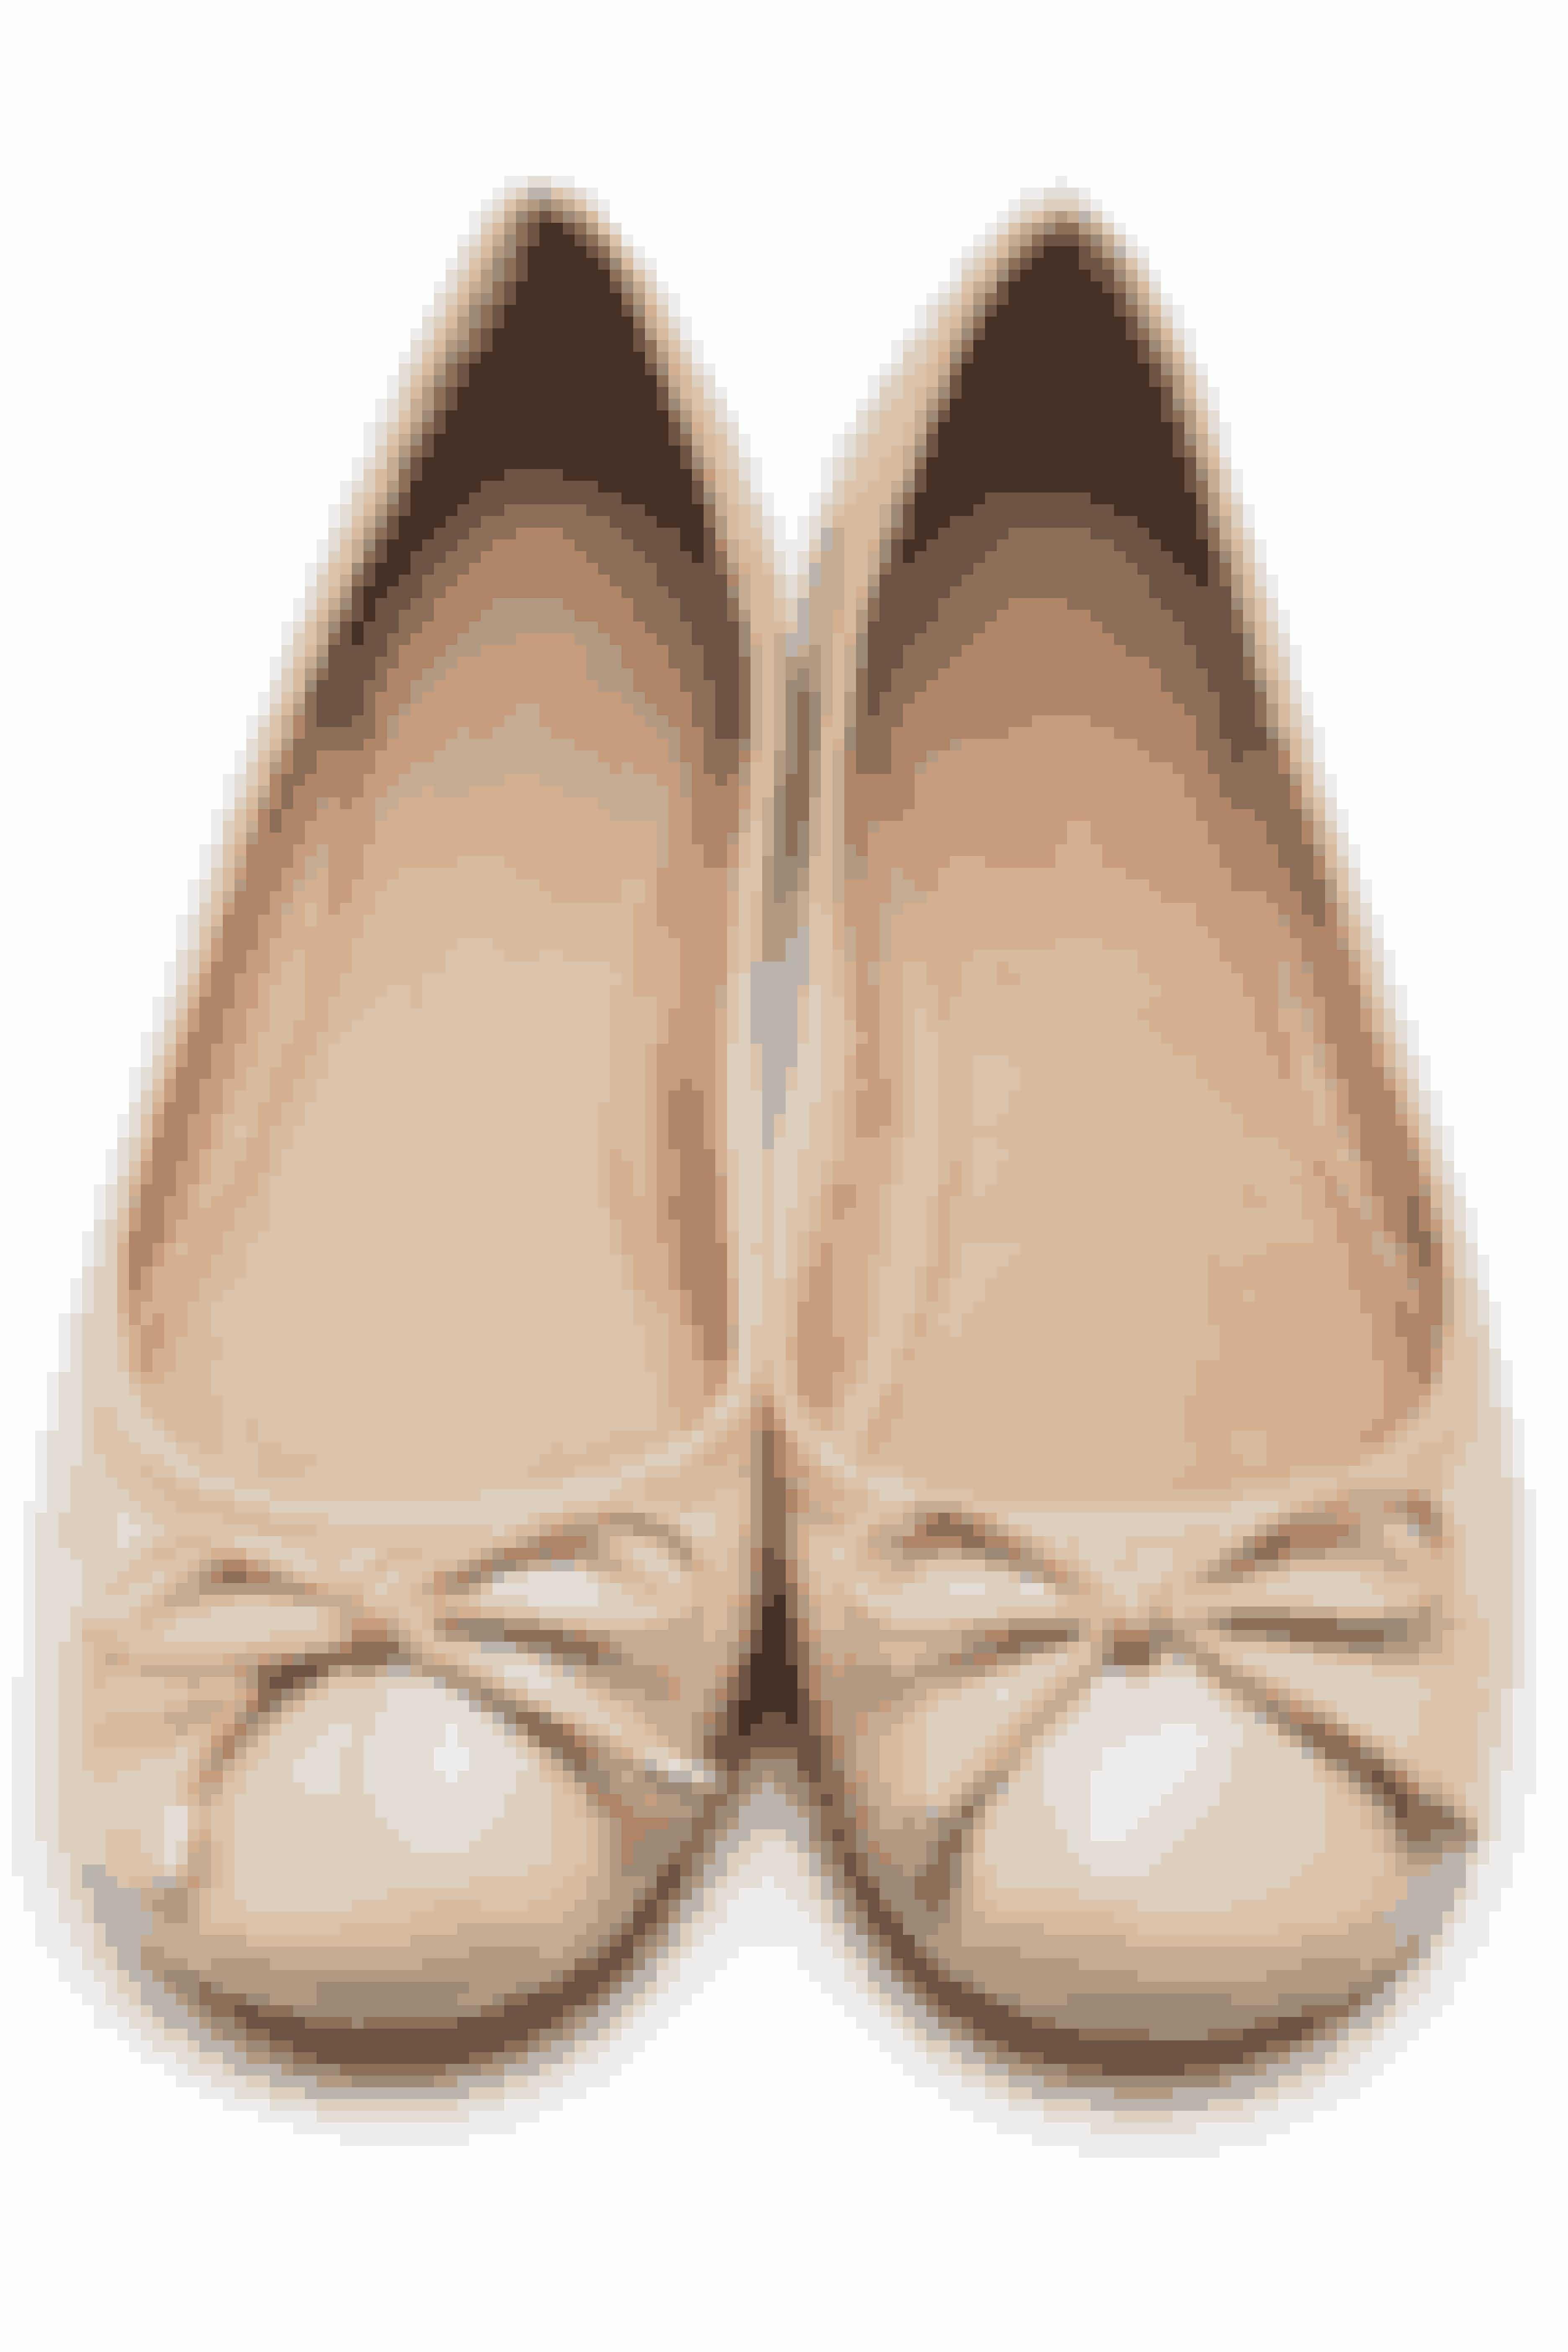 Er dine nye sko glatte? Slib sålen med fint sandpapir, så du ikke glider.G.O.